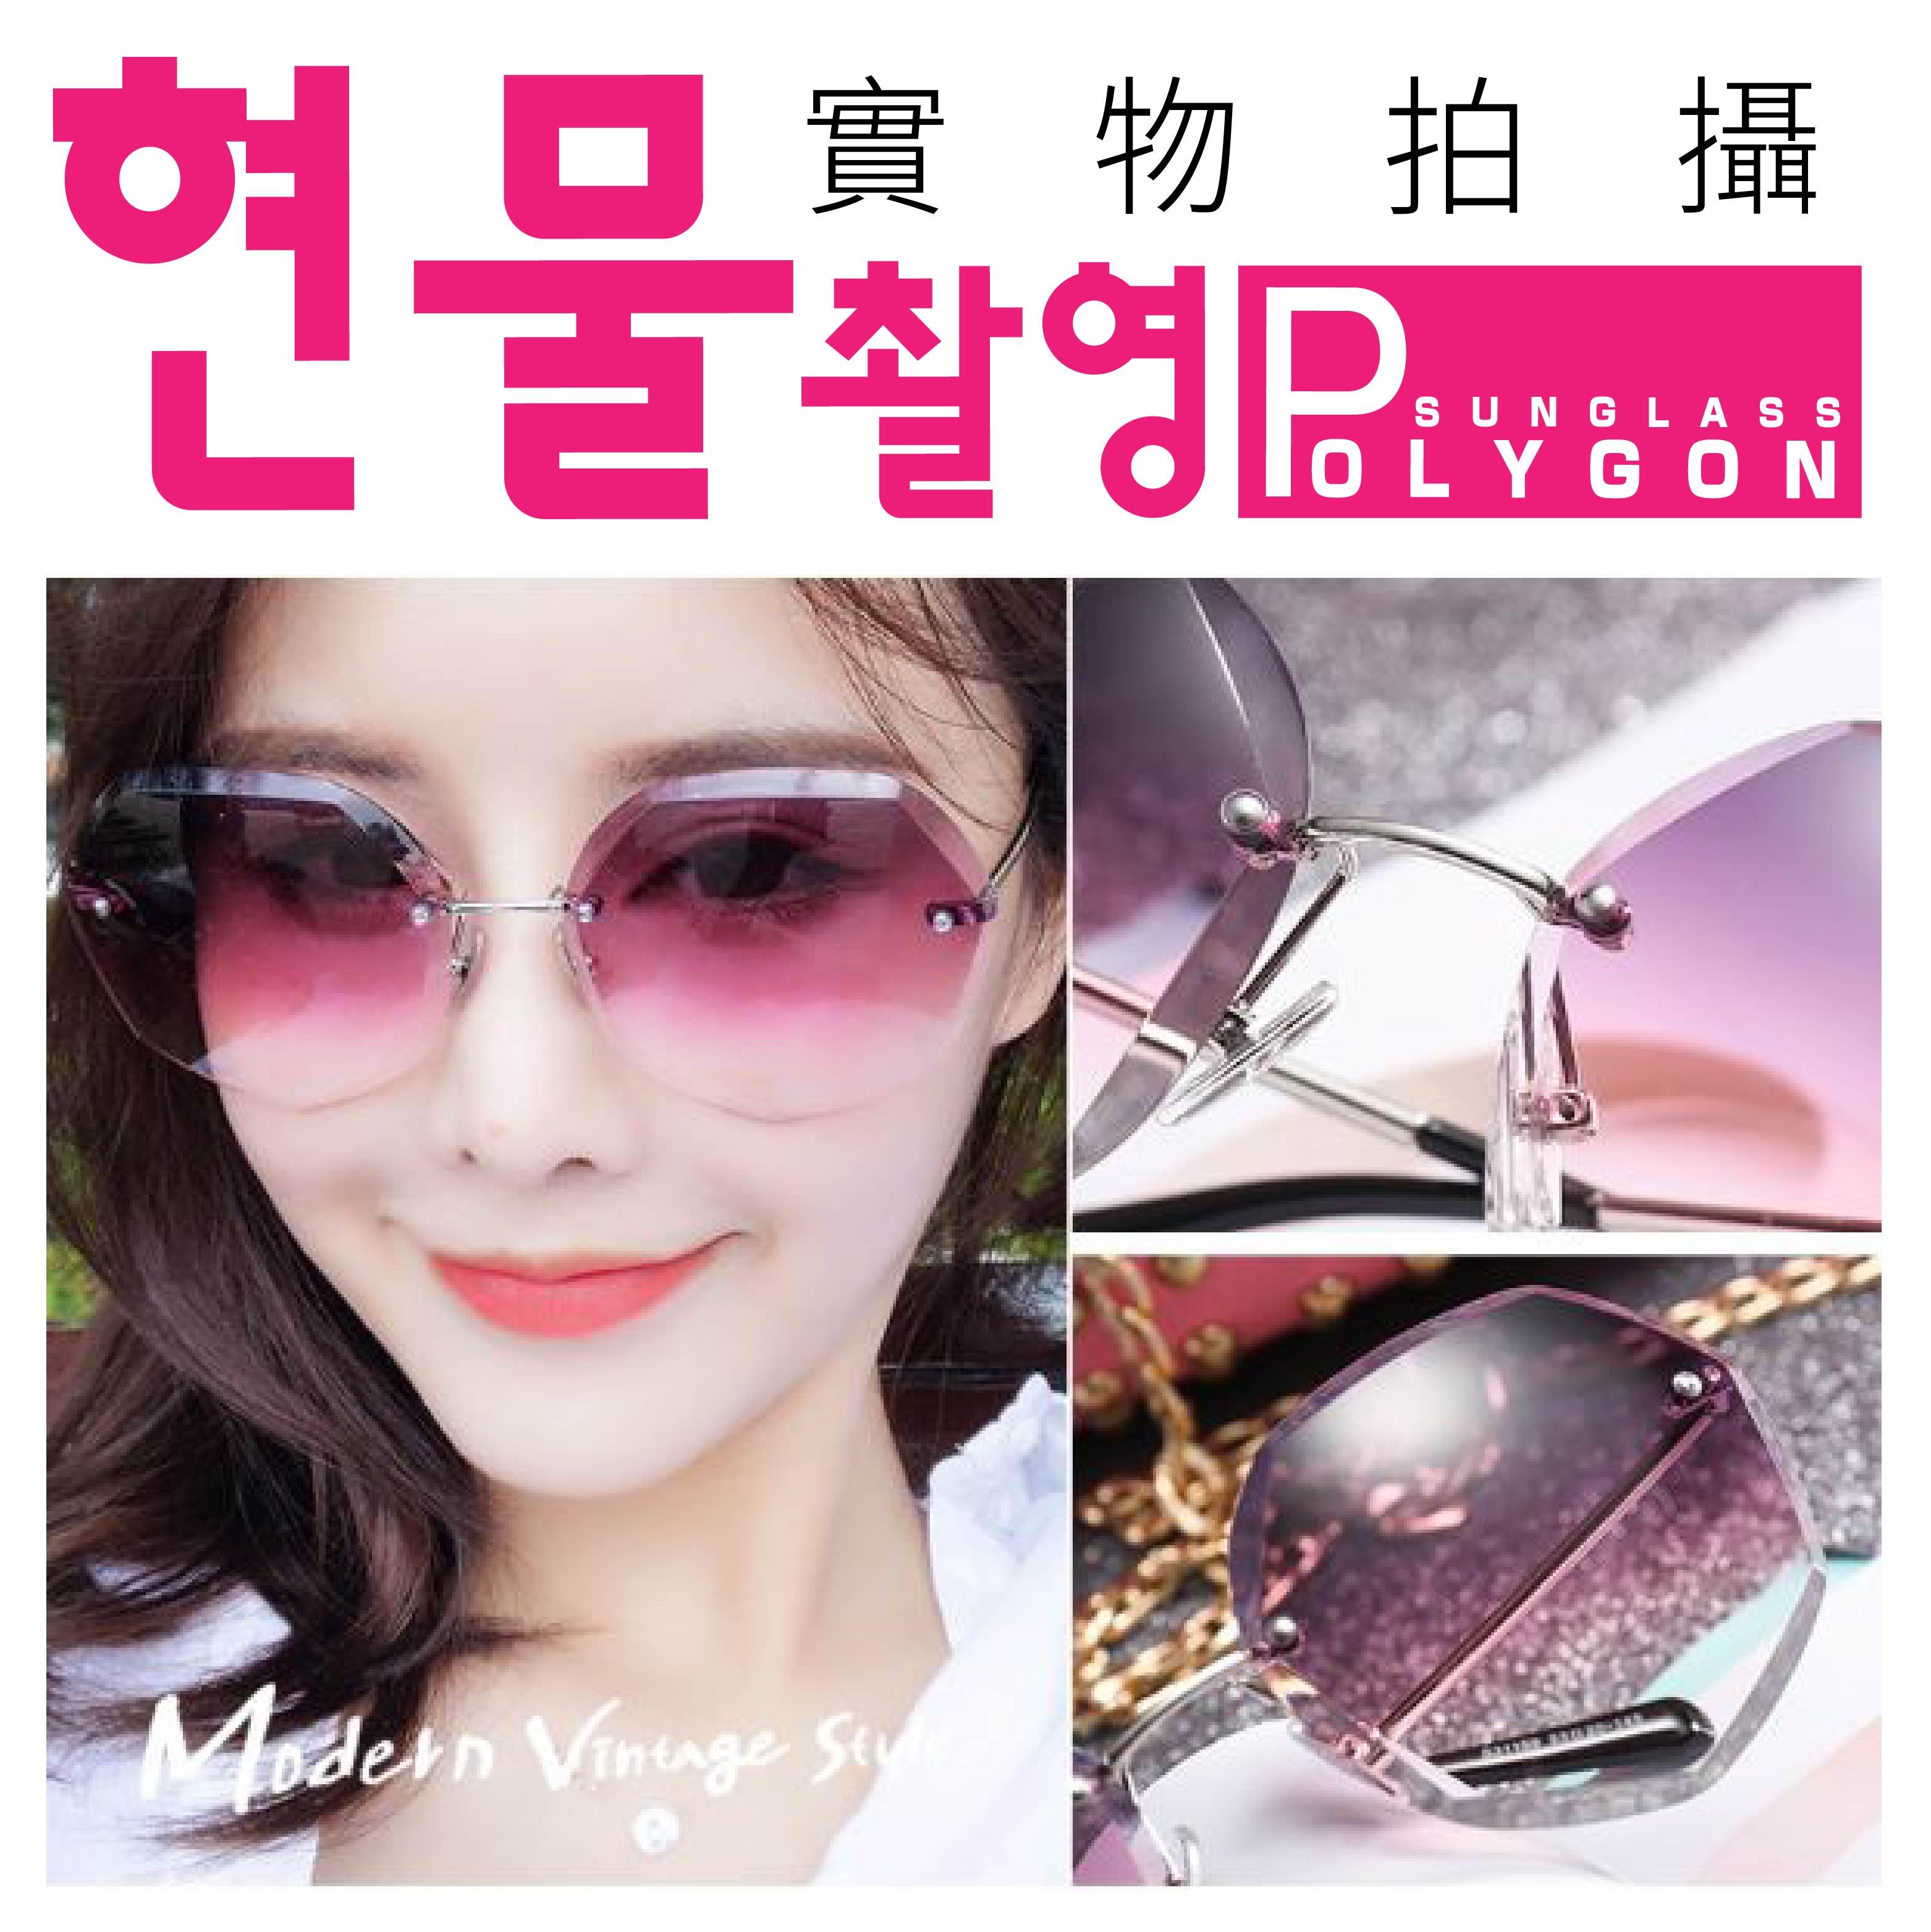 『現貨』金屬幾何墨鏡 水晶切邊 百搭名媛 漸變色 太陽眼鏡 多邊形 小臉【BE476】 5